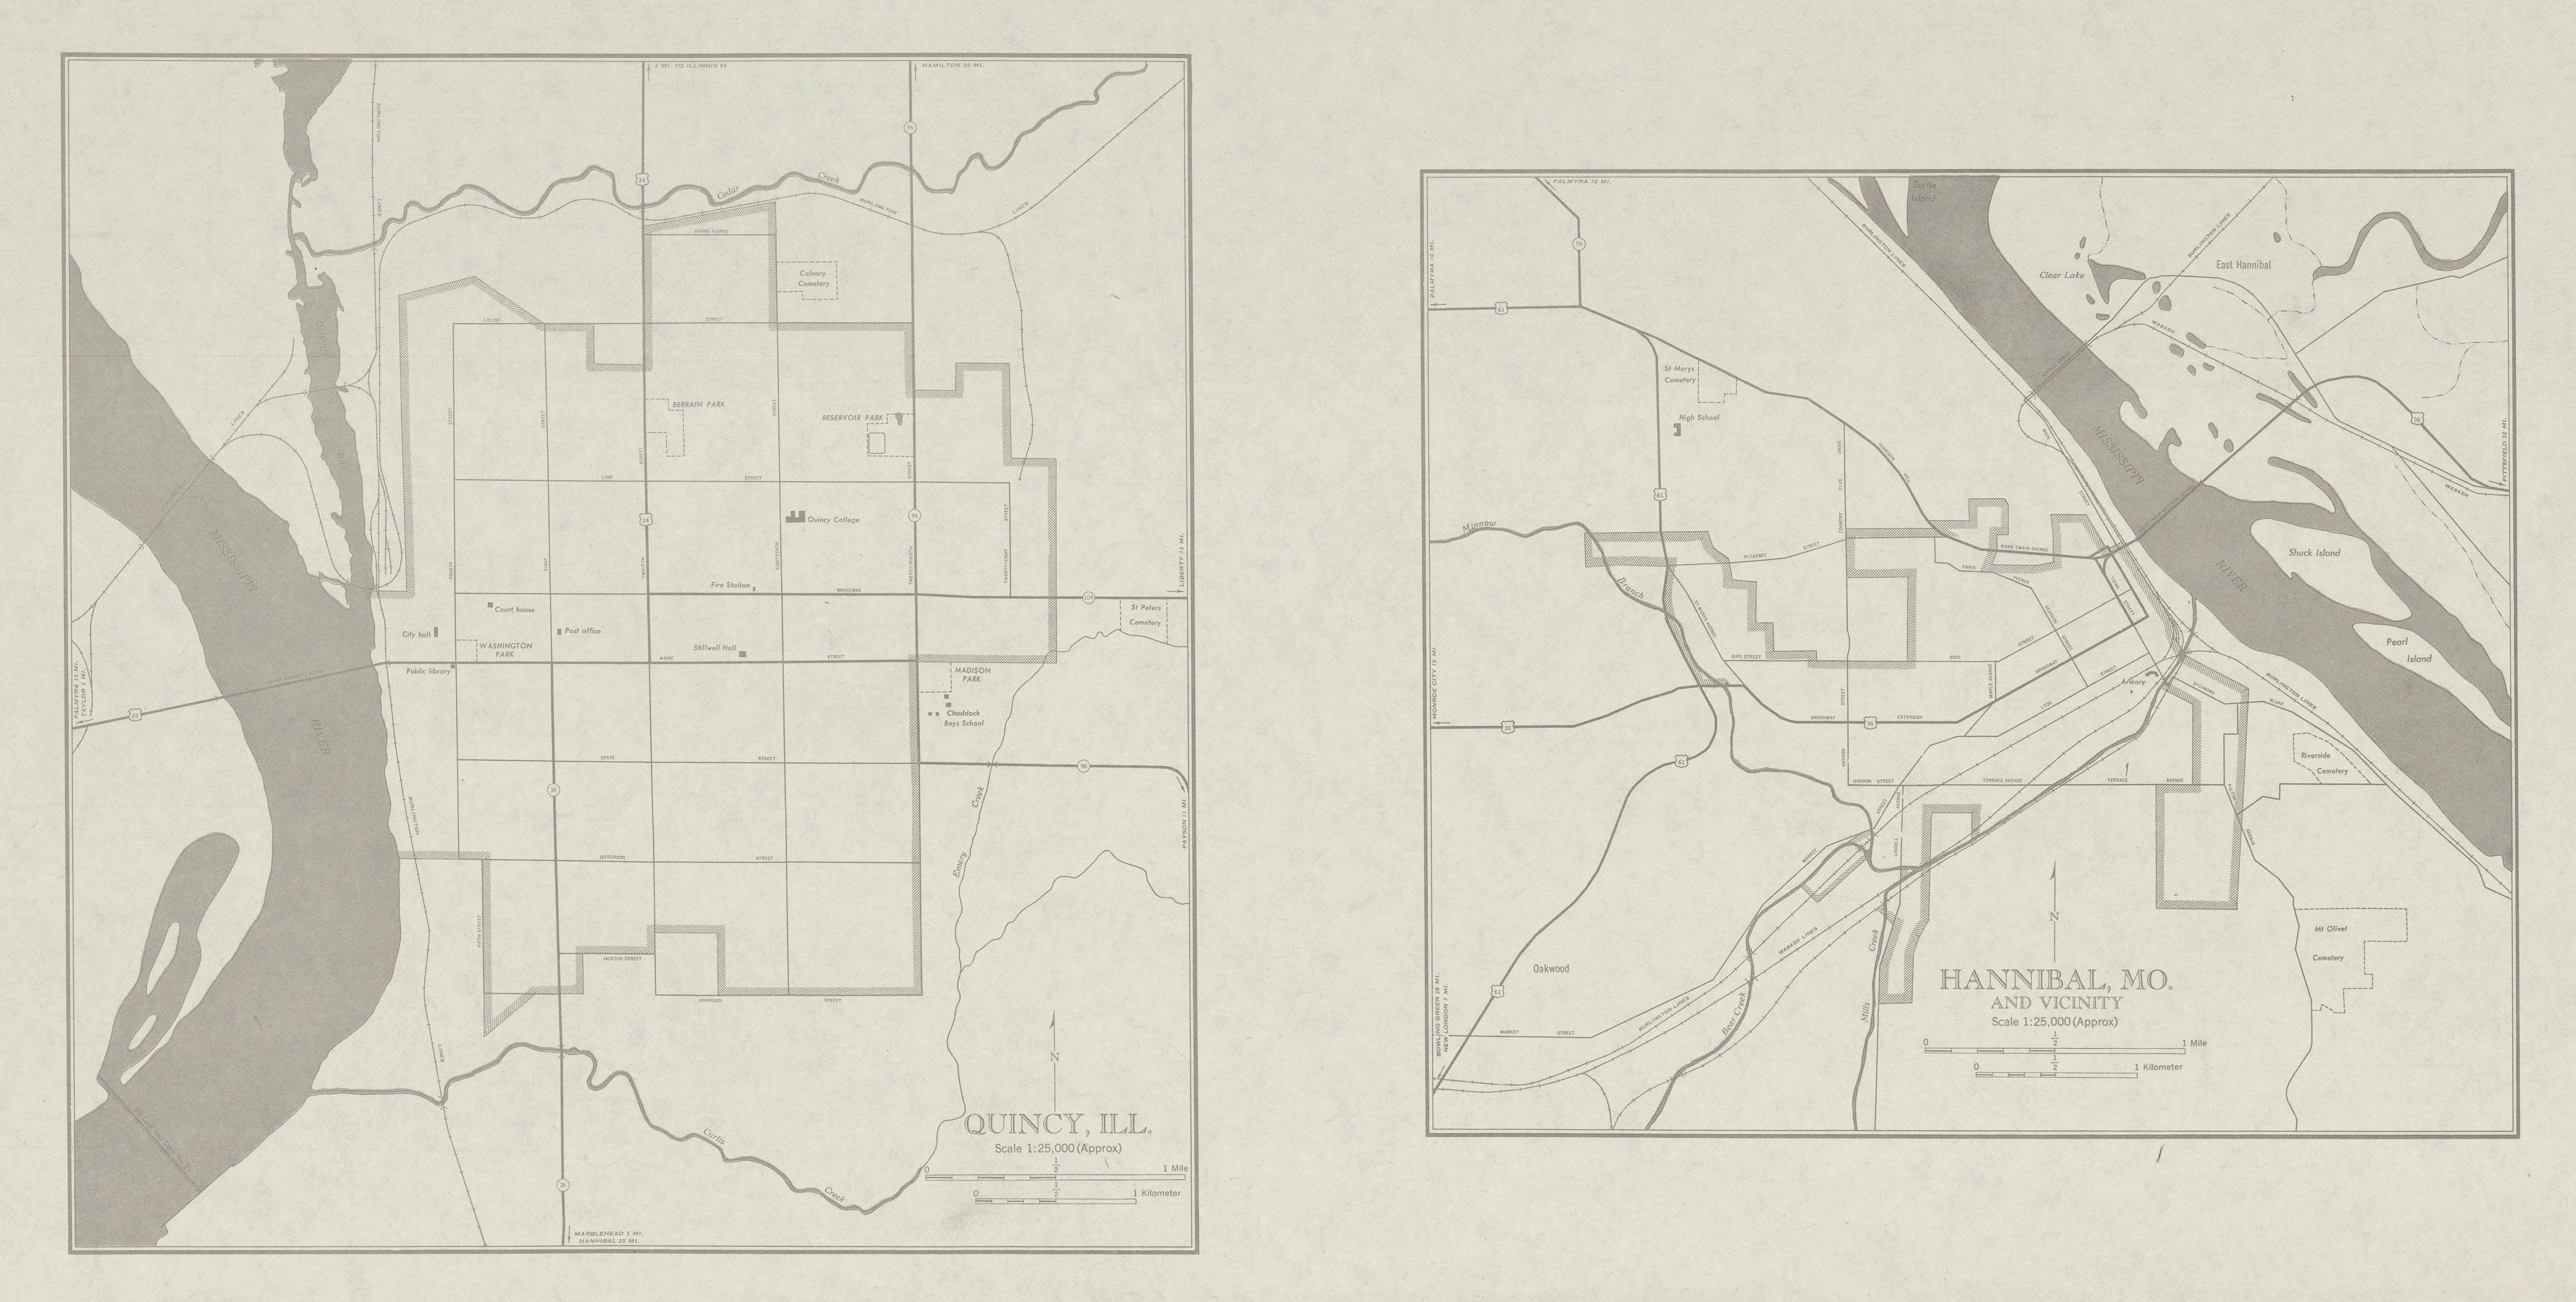 Mapa de las Ciudades de Quincy, Illinois y Hannibal, Missouri, Estados Unidos 1947